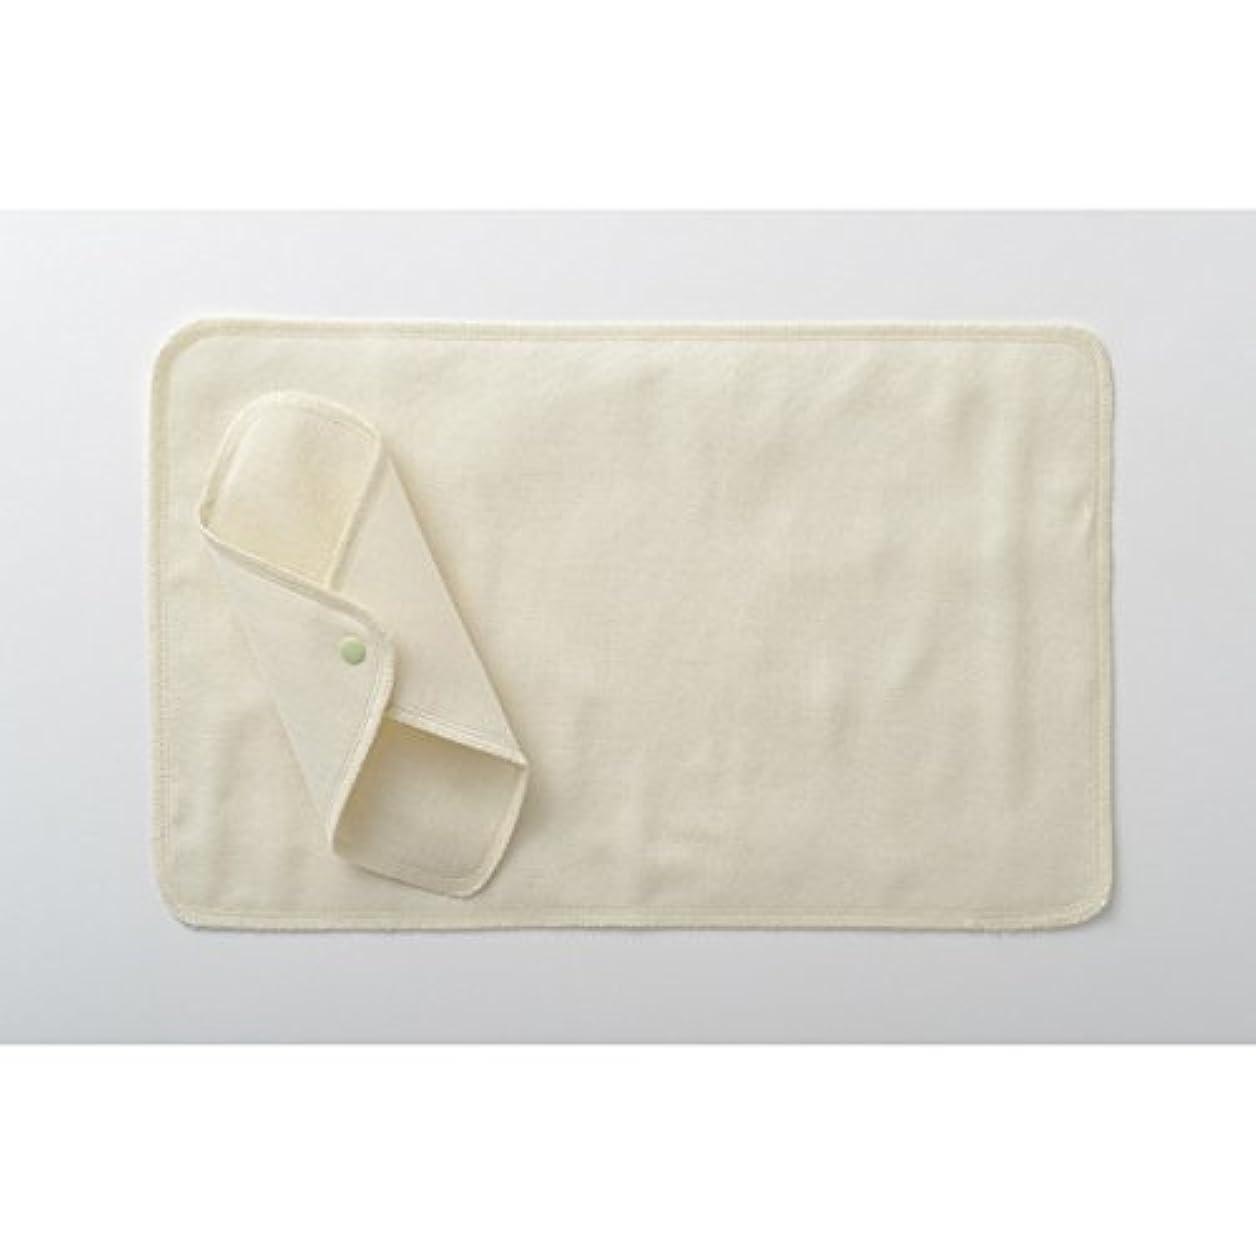 を除くからかう殺人TAKEFU 竹の布ナプキン スターターミニキット ナチュラル (竹布 布ナプキン)